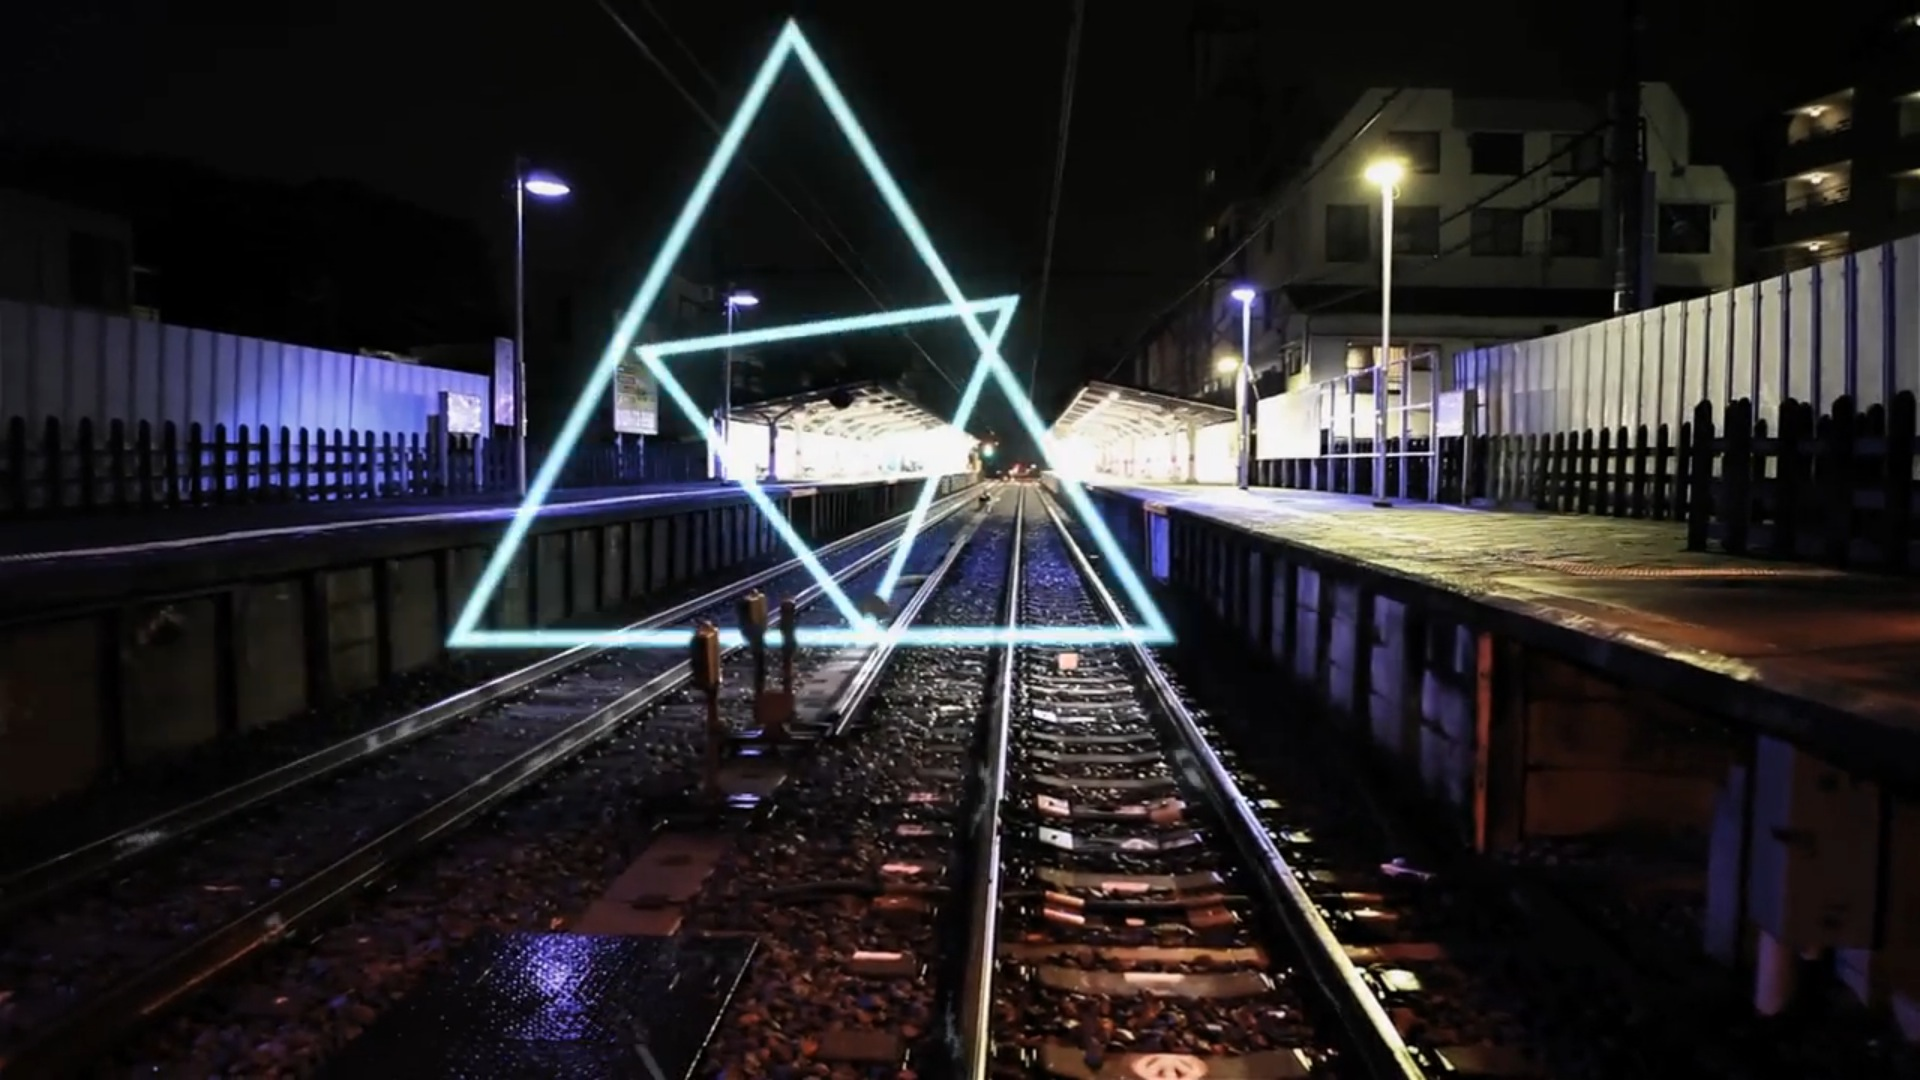 日本藝術家新視覺作品!幾何符號在城市間跳動!